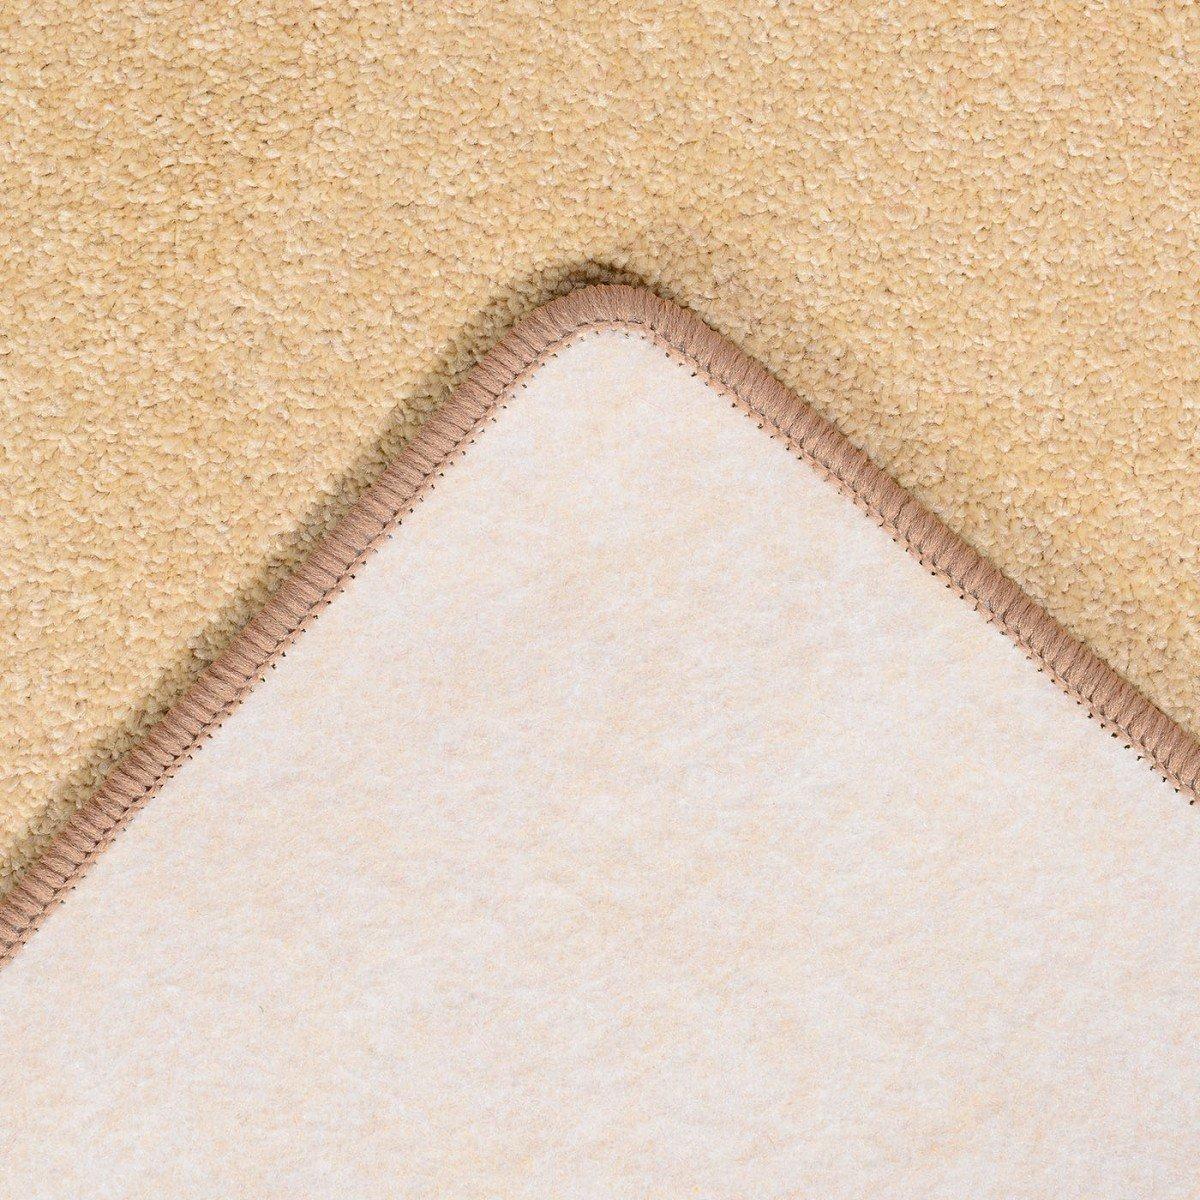 Havatex Velours Teppich Burbon Burbon Burbon - 16 moderne sowie klassische Farben   Top Preis-Leistung   Prüfsiegel  TÜV-geprüft & schadstoffgeprüft, Farbe Schoko-Braun, Größe 200 x 250 cm B00FQ12L3W Teppiche d21a4c